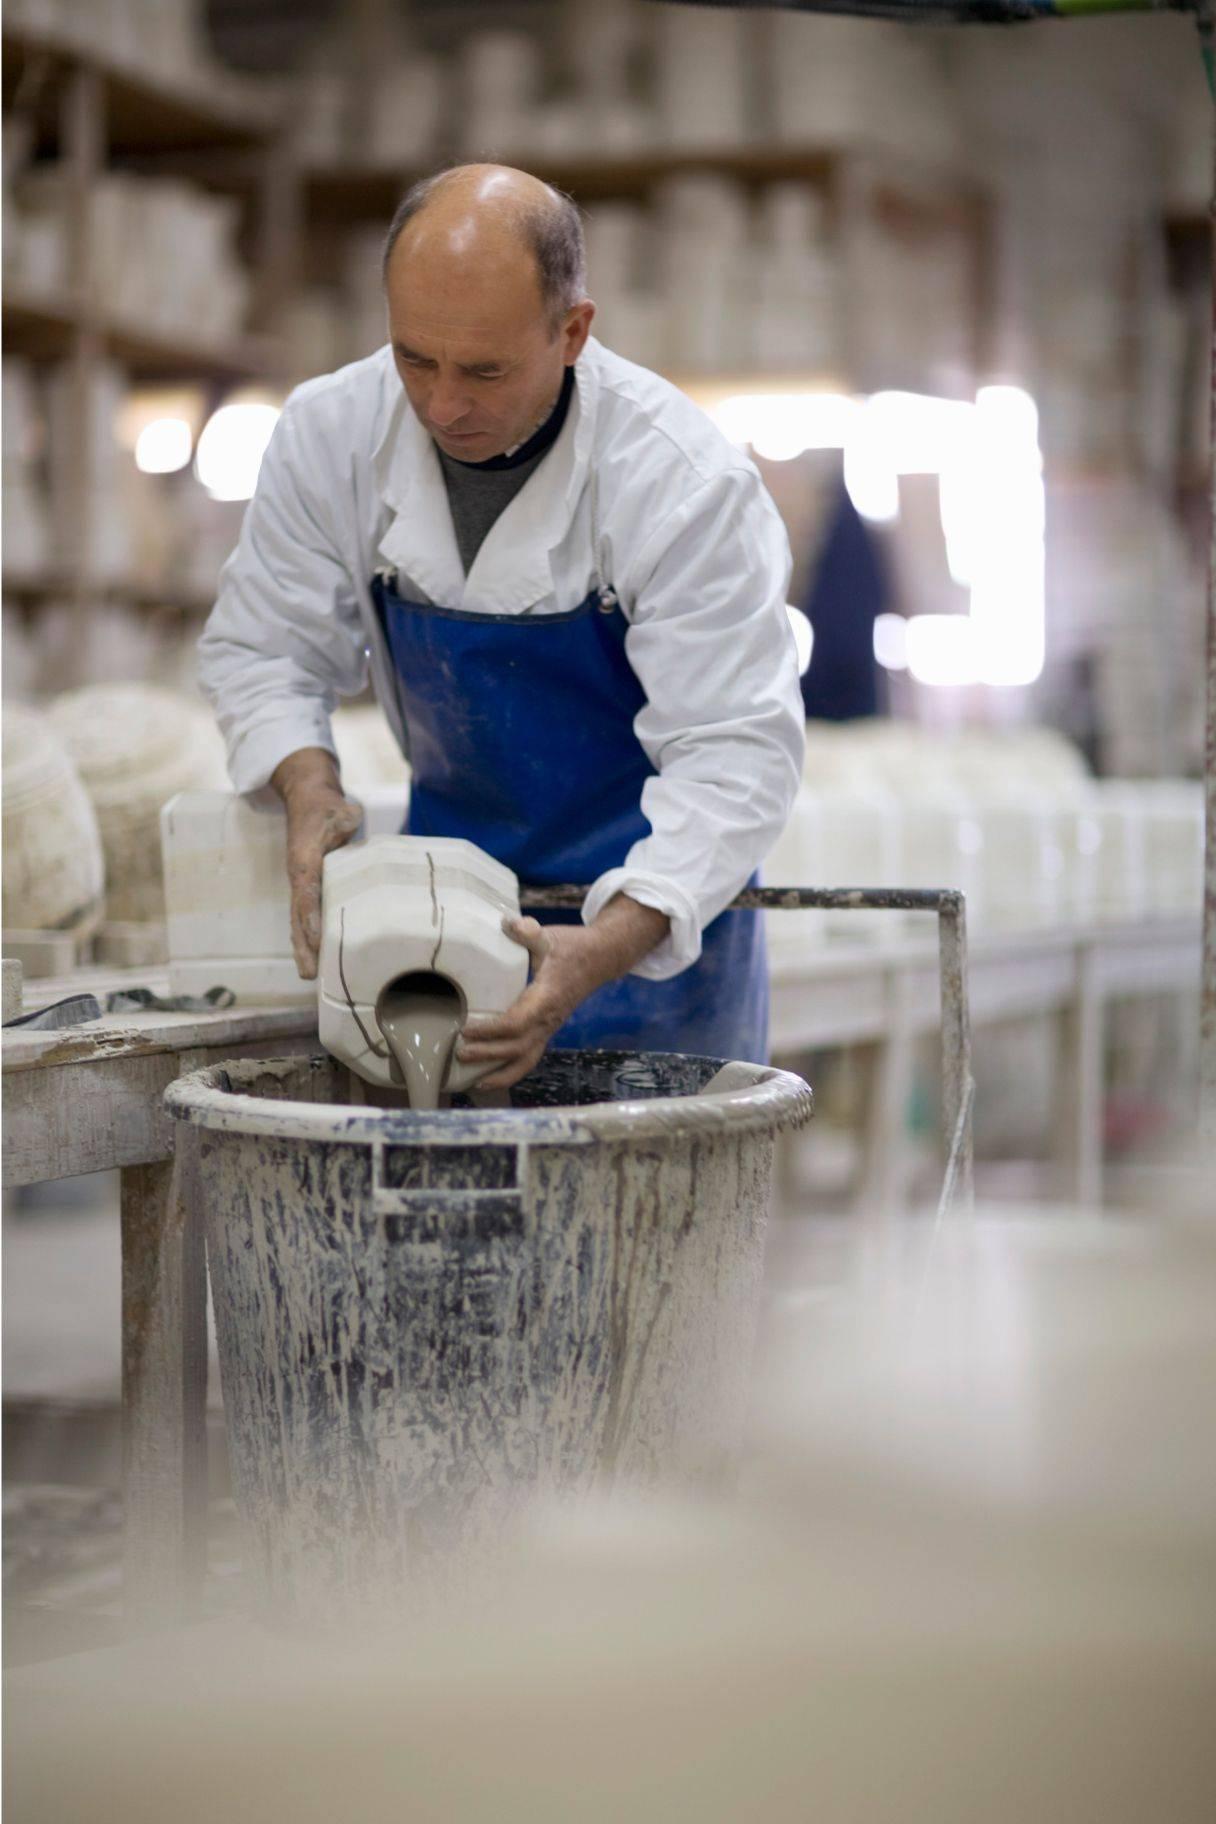 Lace production